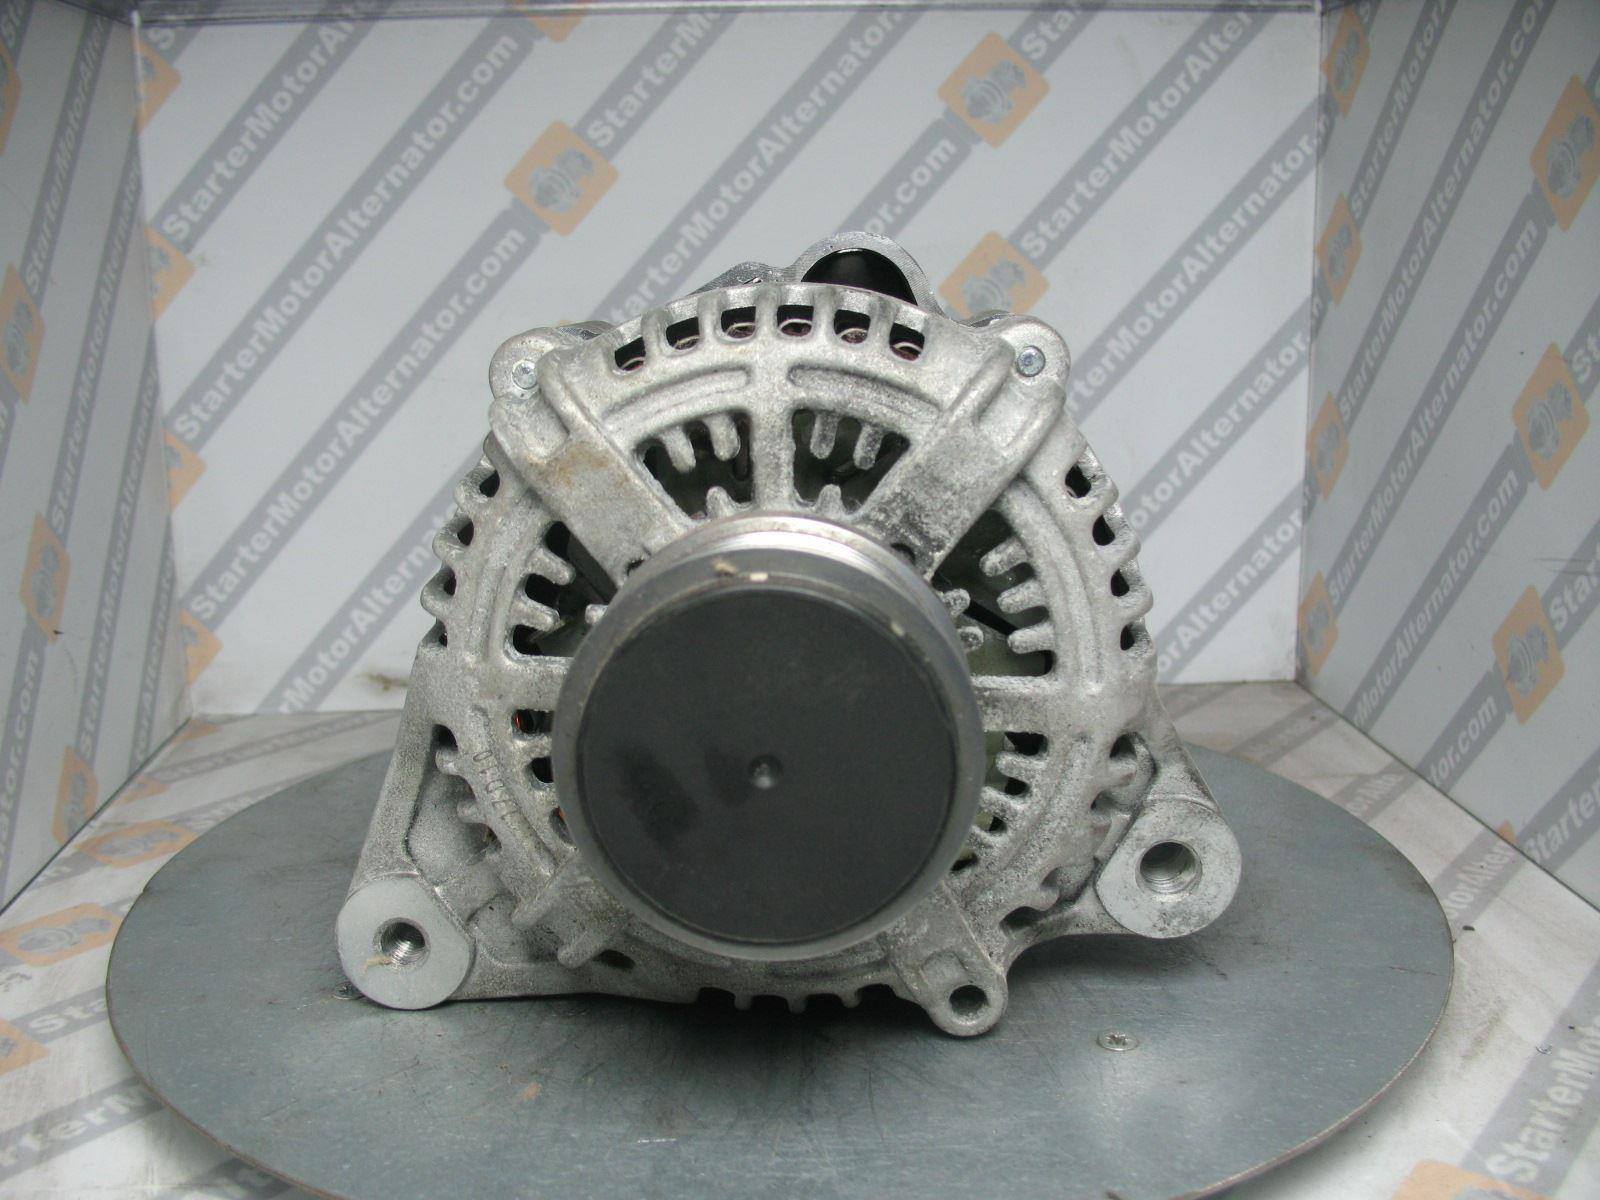 XIB1708 Alternator For Hyundai / Kia